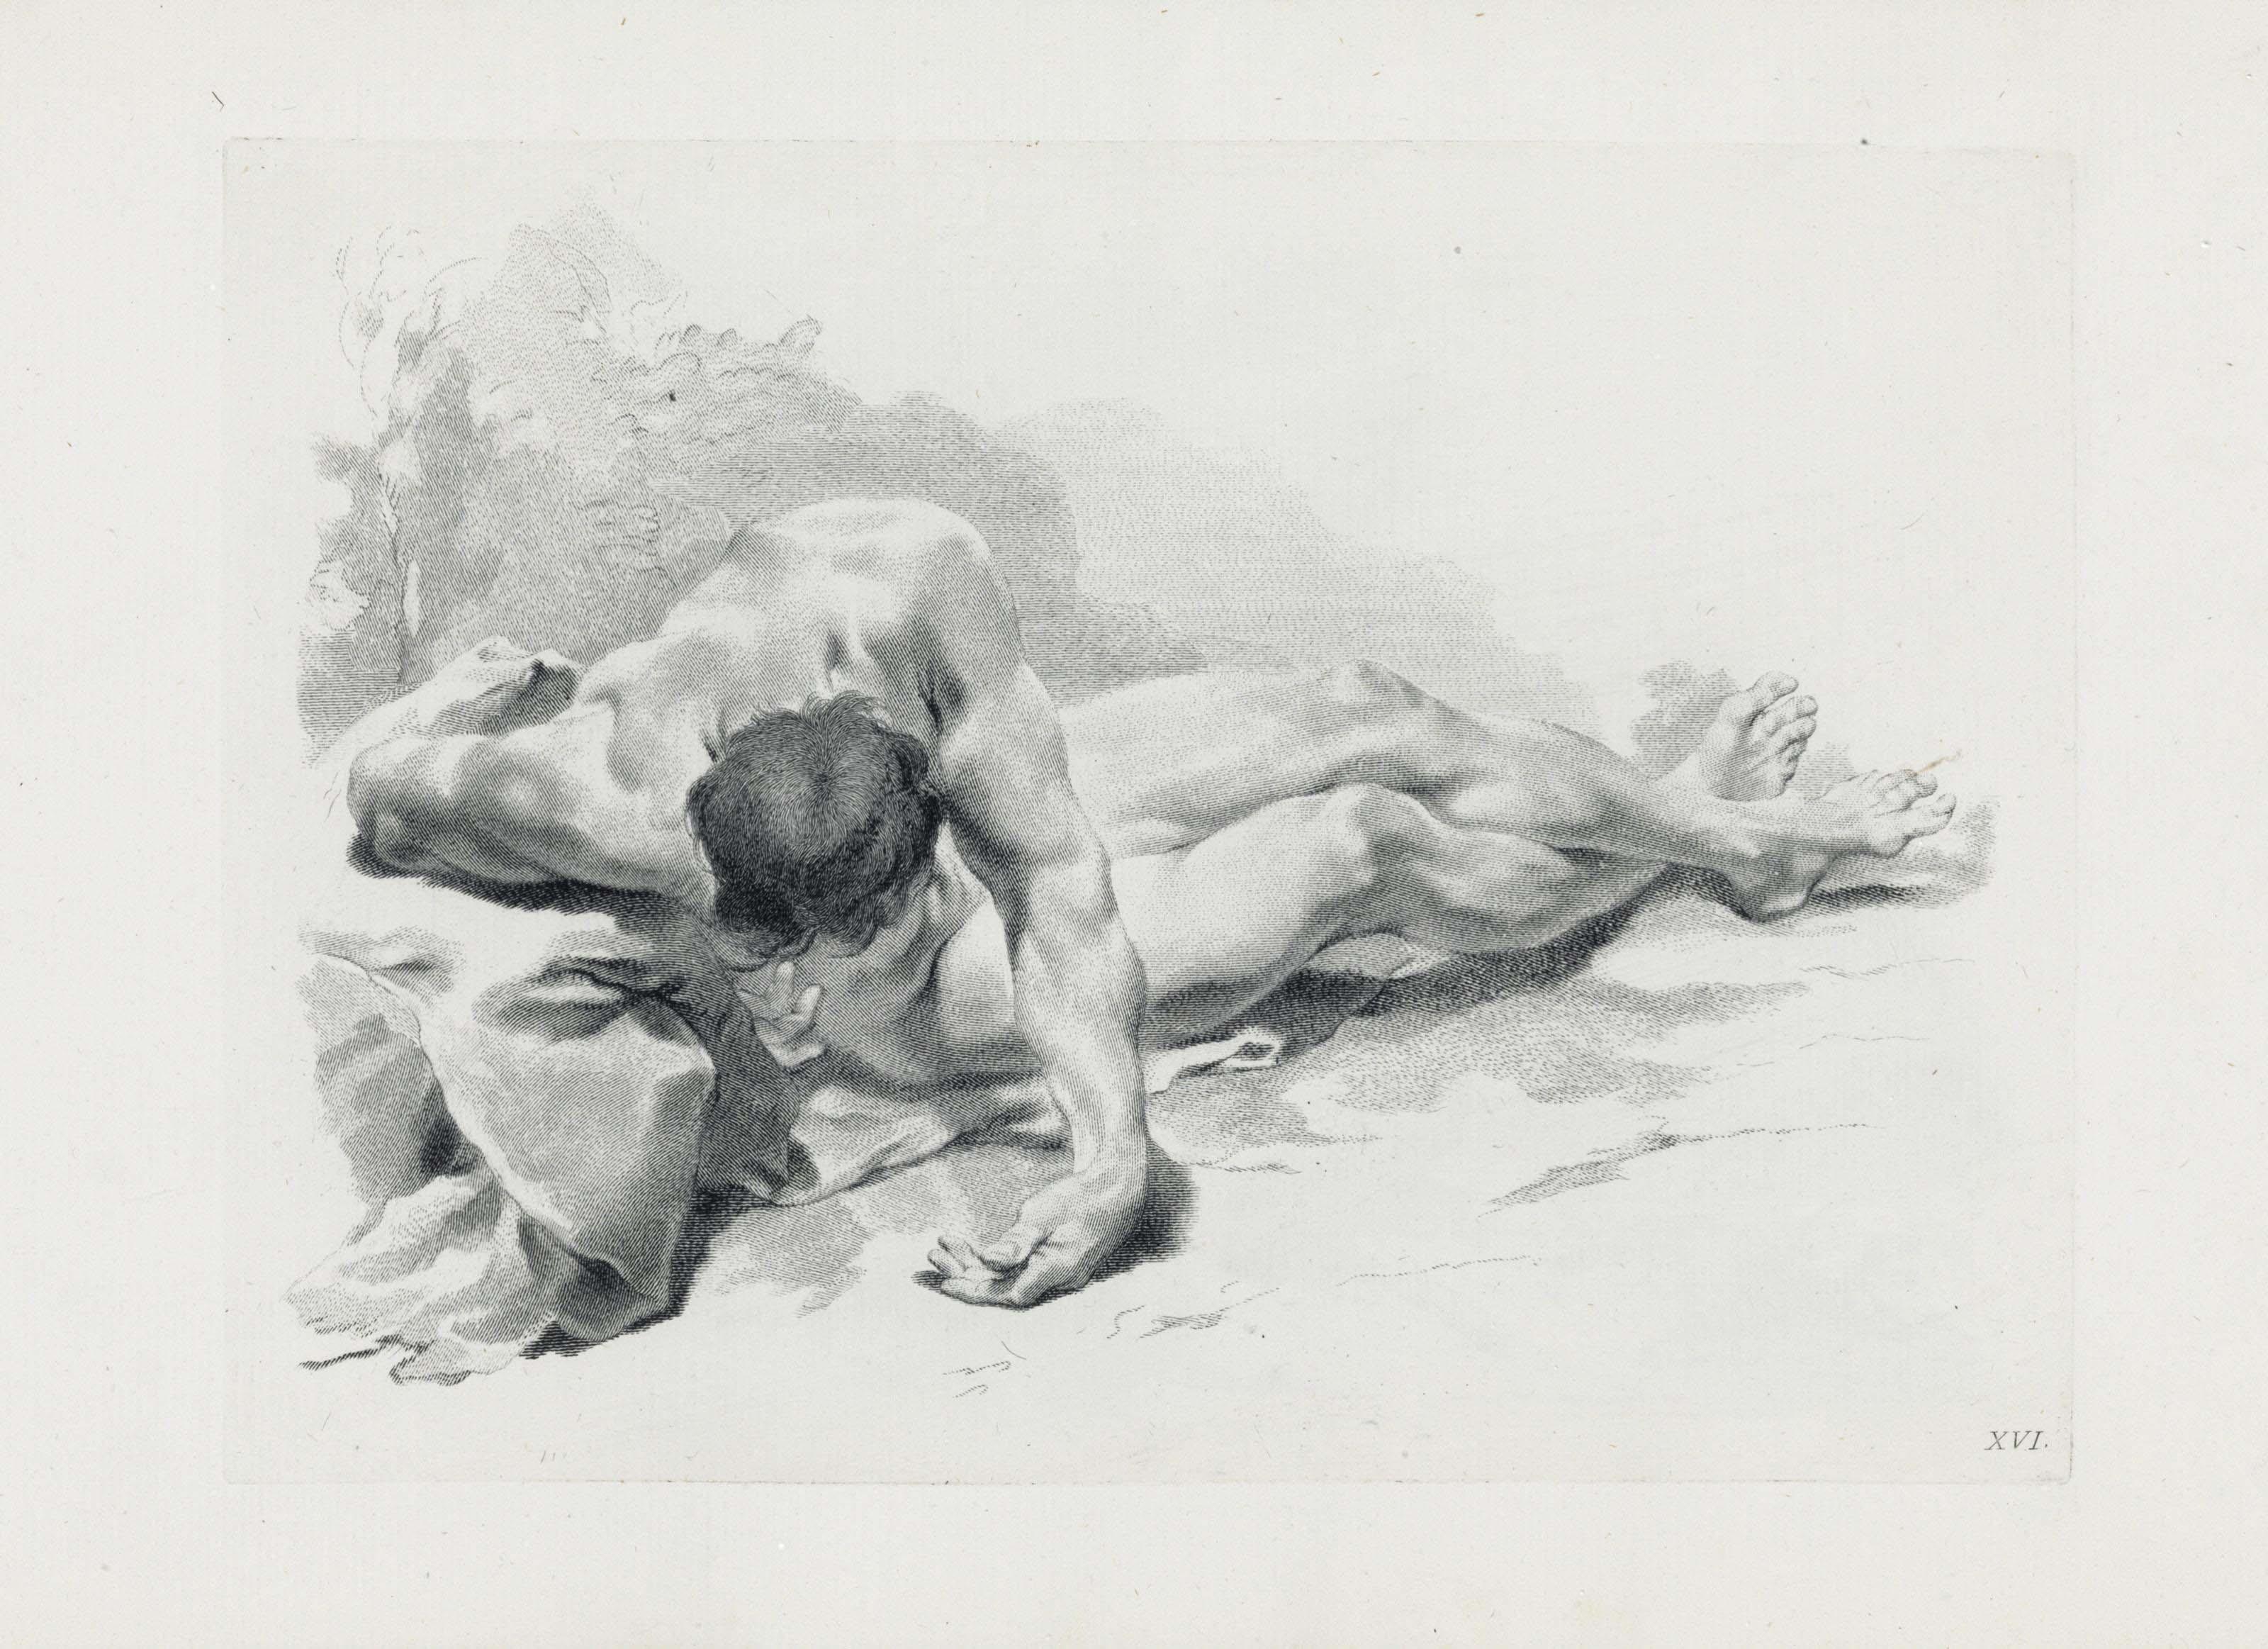 PIAZZETTA, Giovanni Battista (